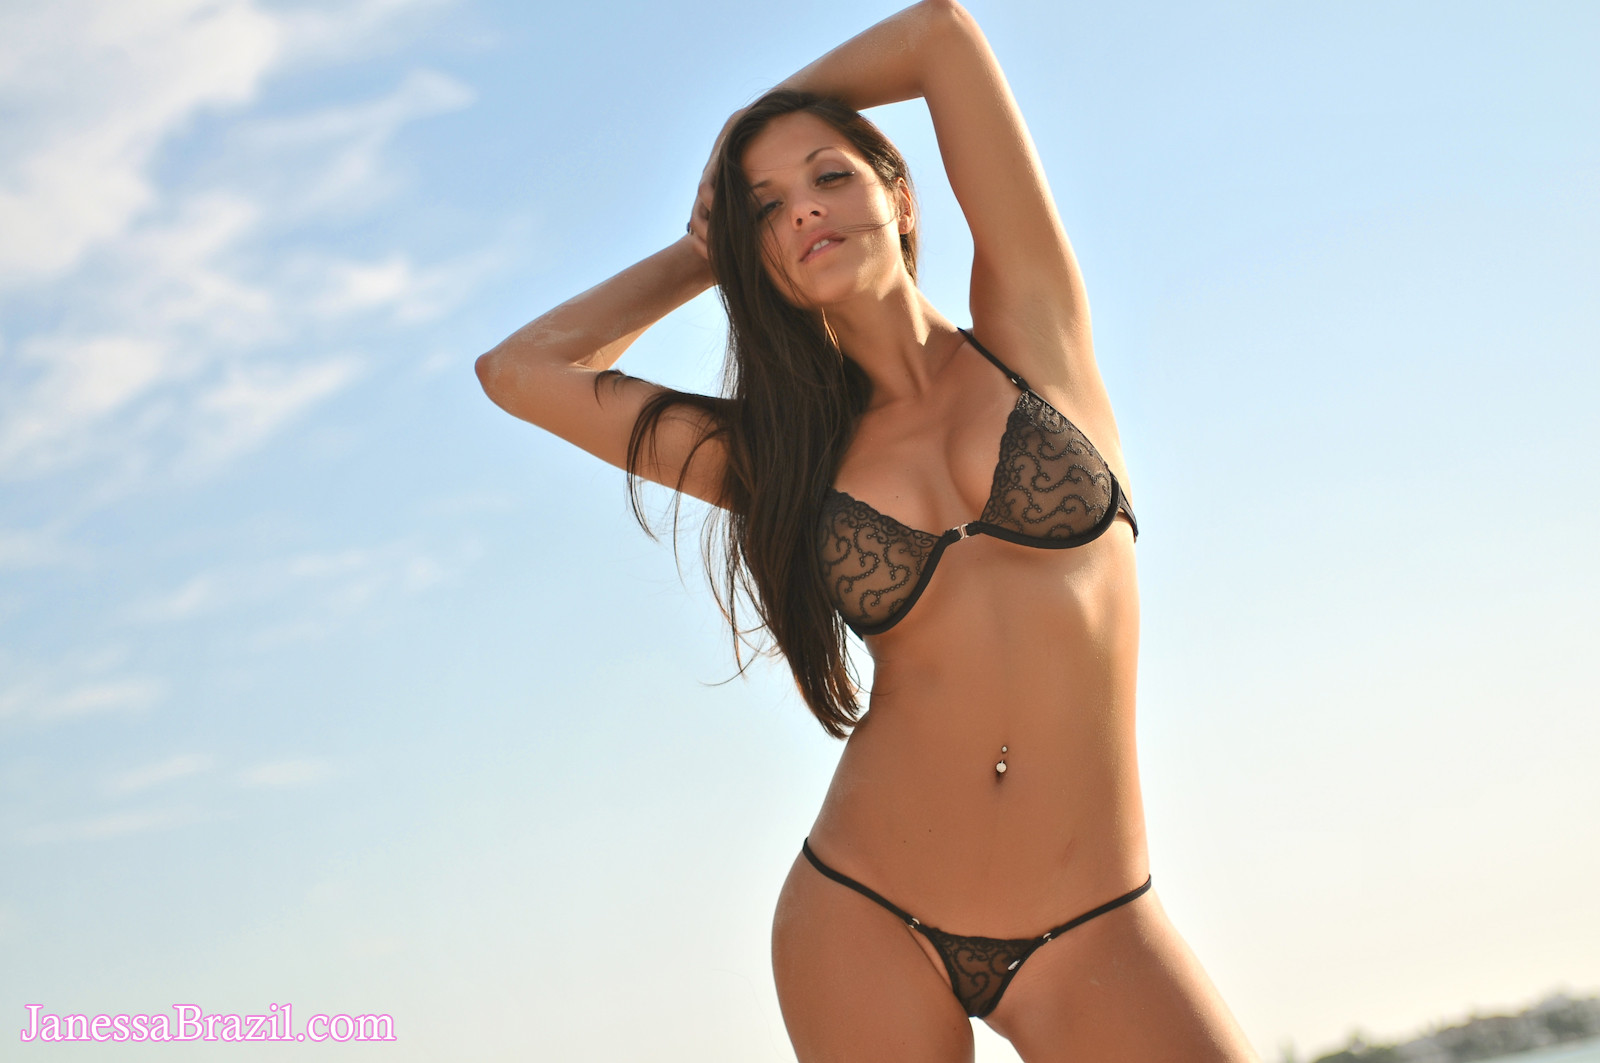 Janessa Brazil in a bikini